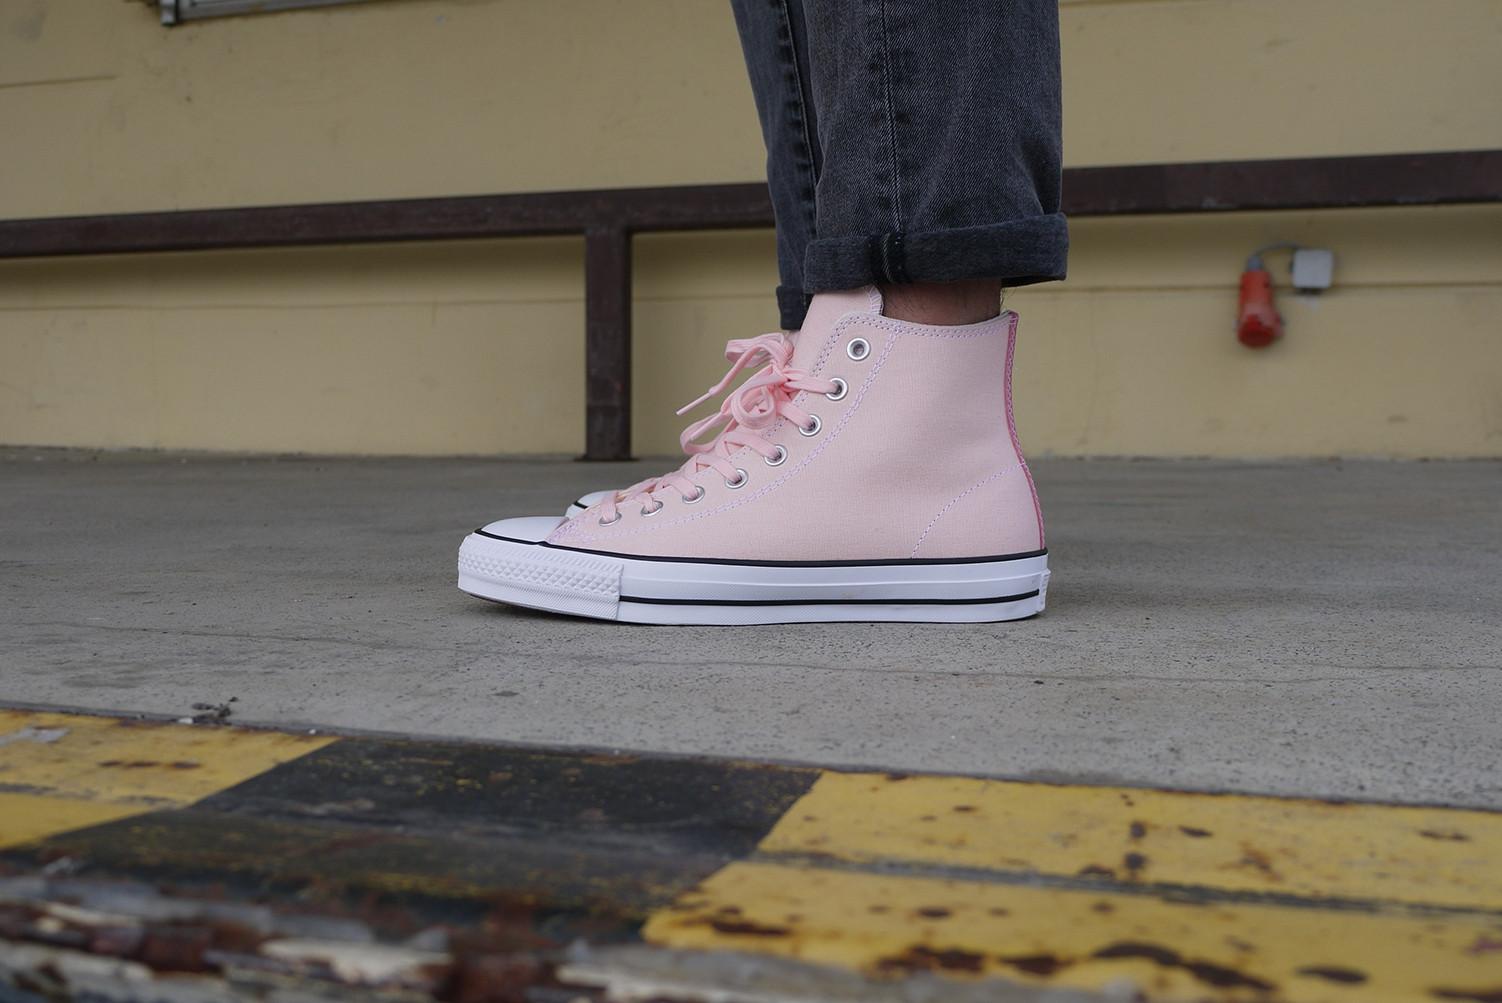 Converse CTAS Pro Hi Shoes Vapor Pink Pink Glow